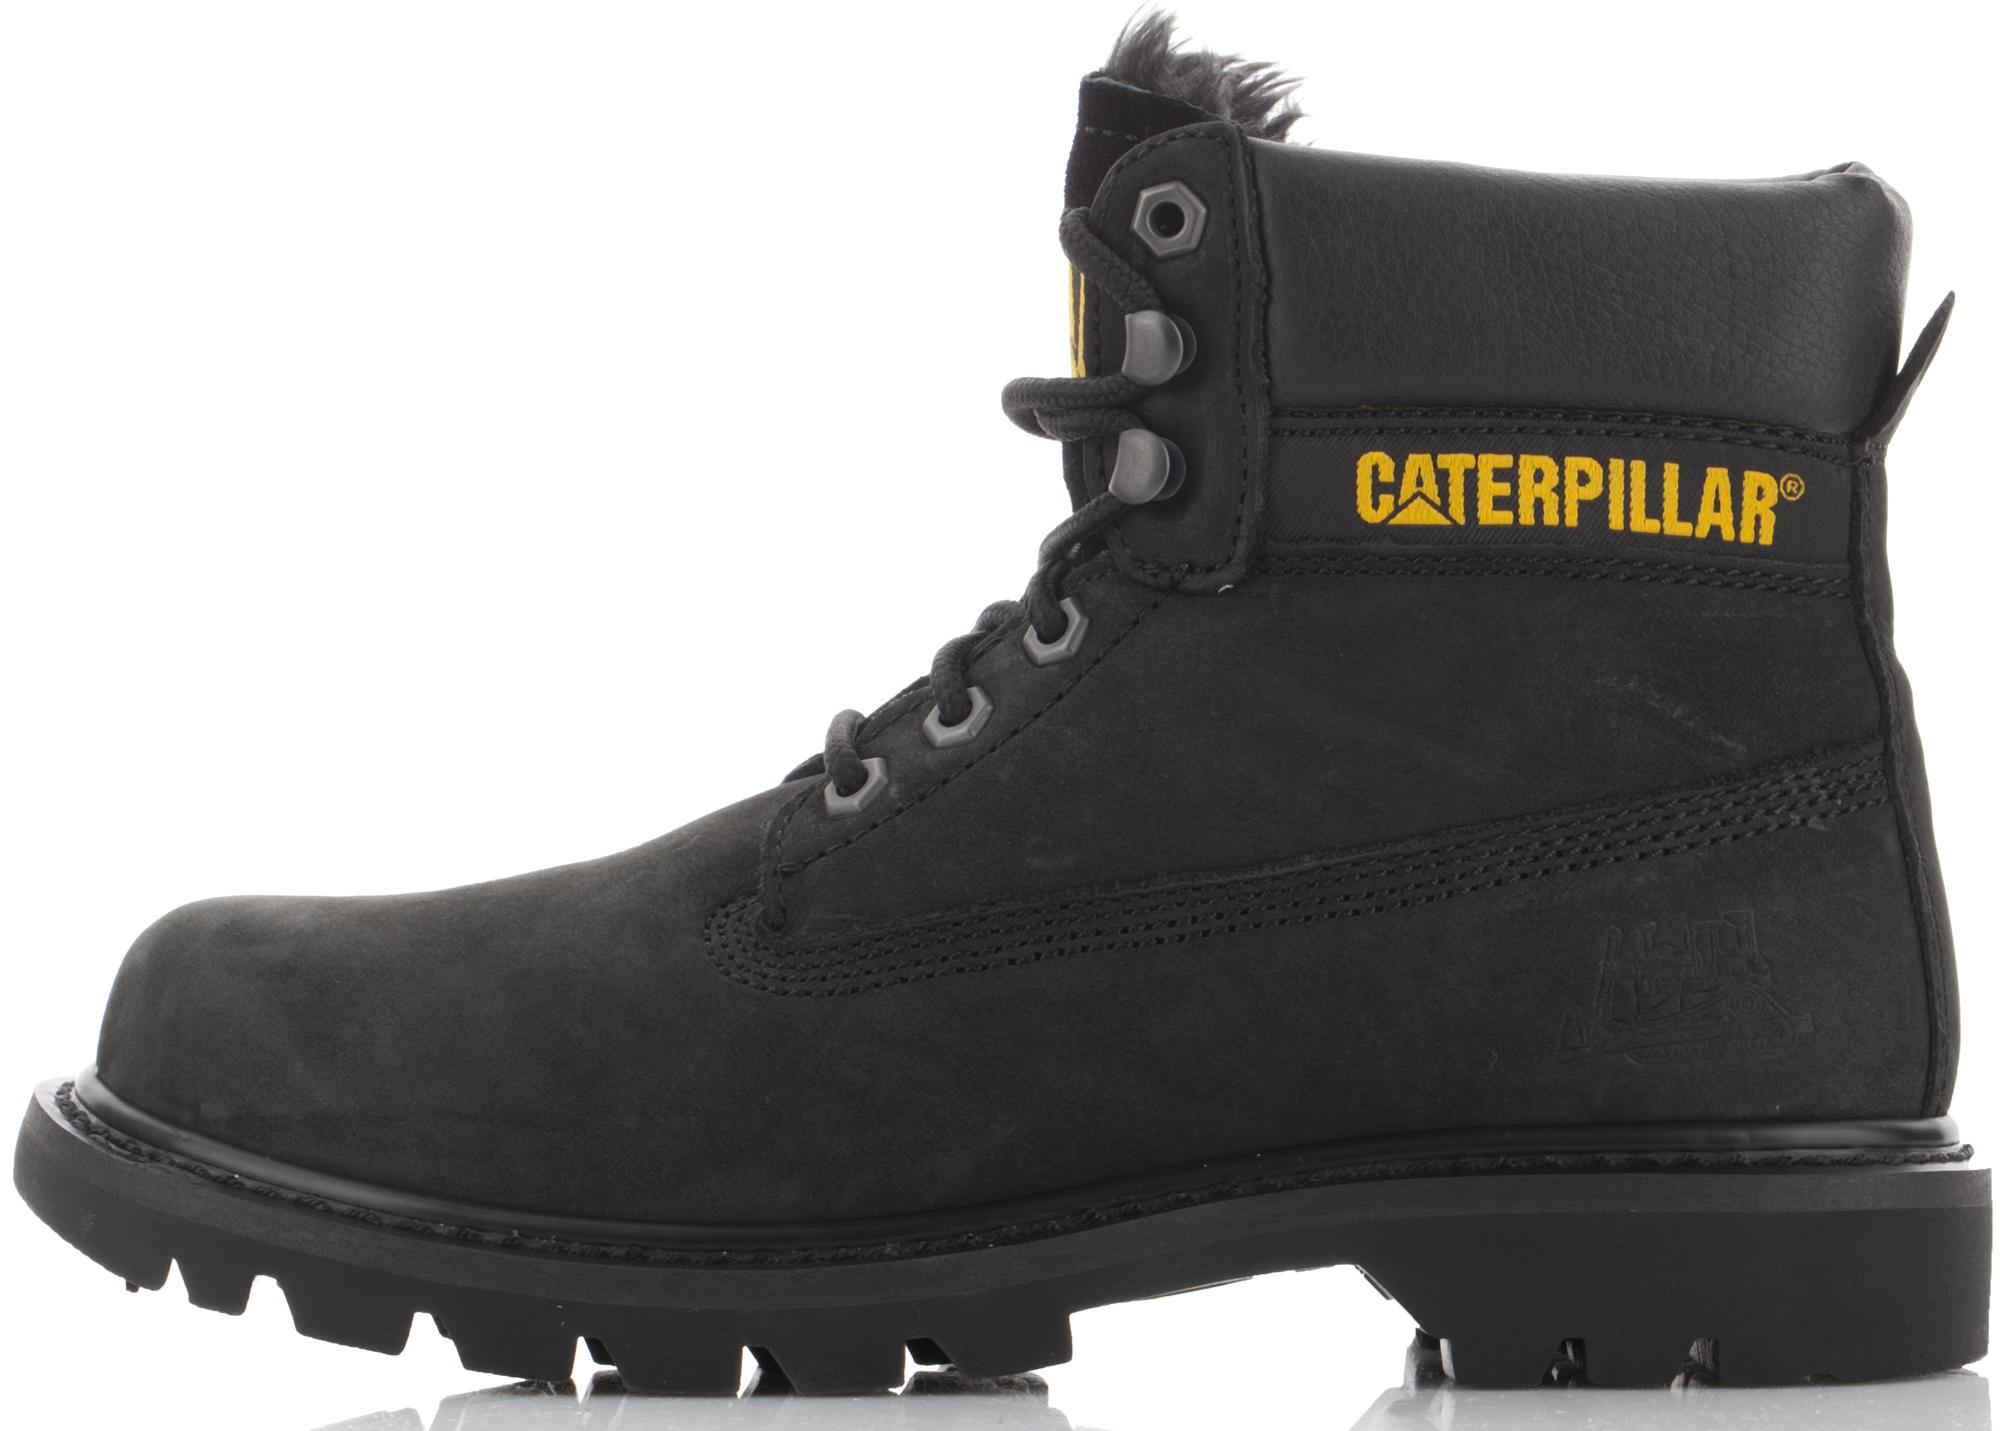 где купить Caterpillar Ботинки утепленные мужские Caterpillar Colorado Fur, размер 46 по лучшей цене